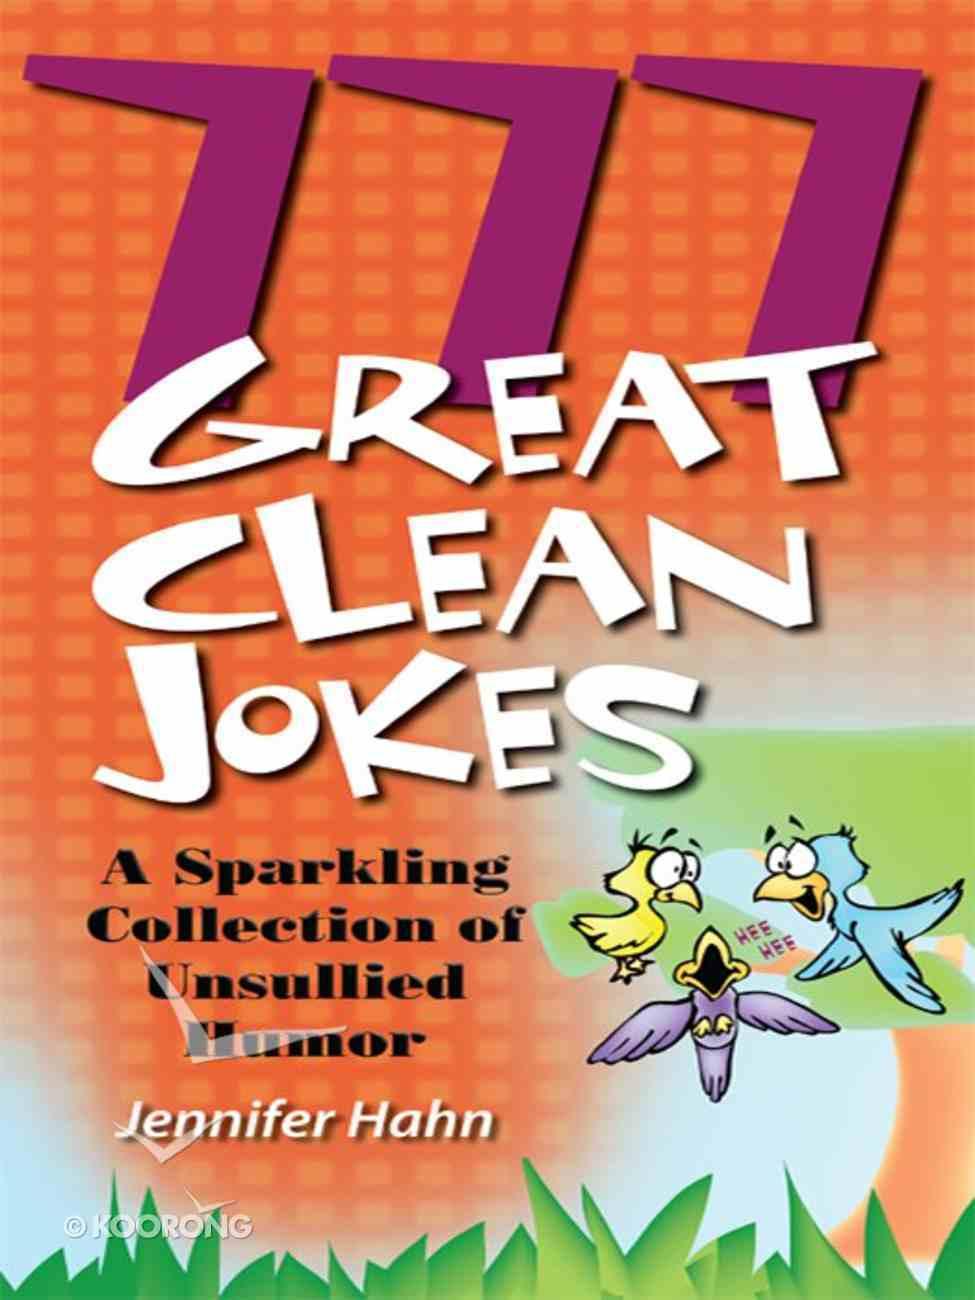 777 Great Clean Jokes eBook